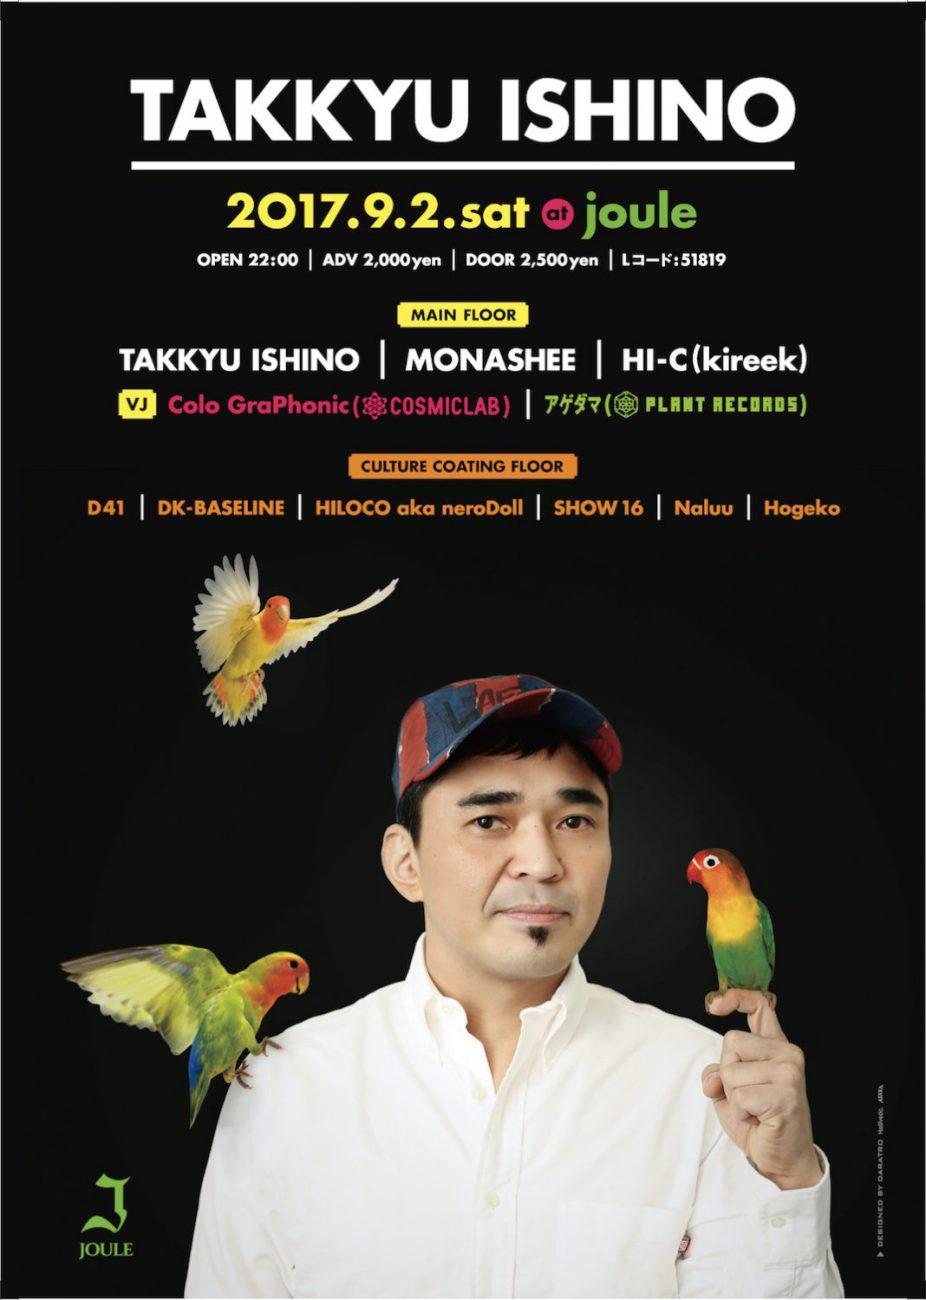 2017.9.2.TAKKYU ISHINO